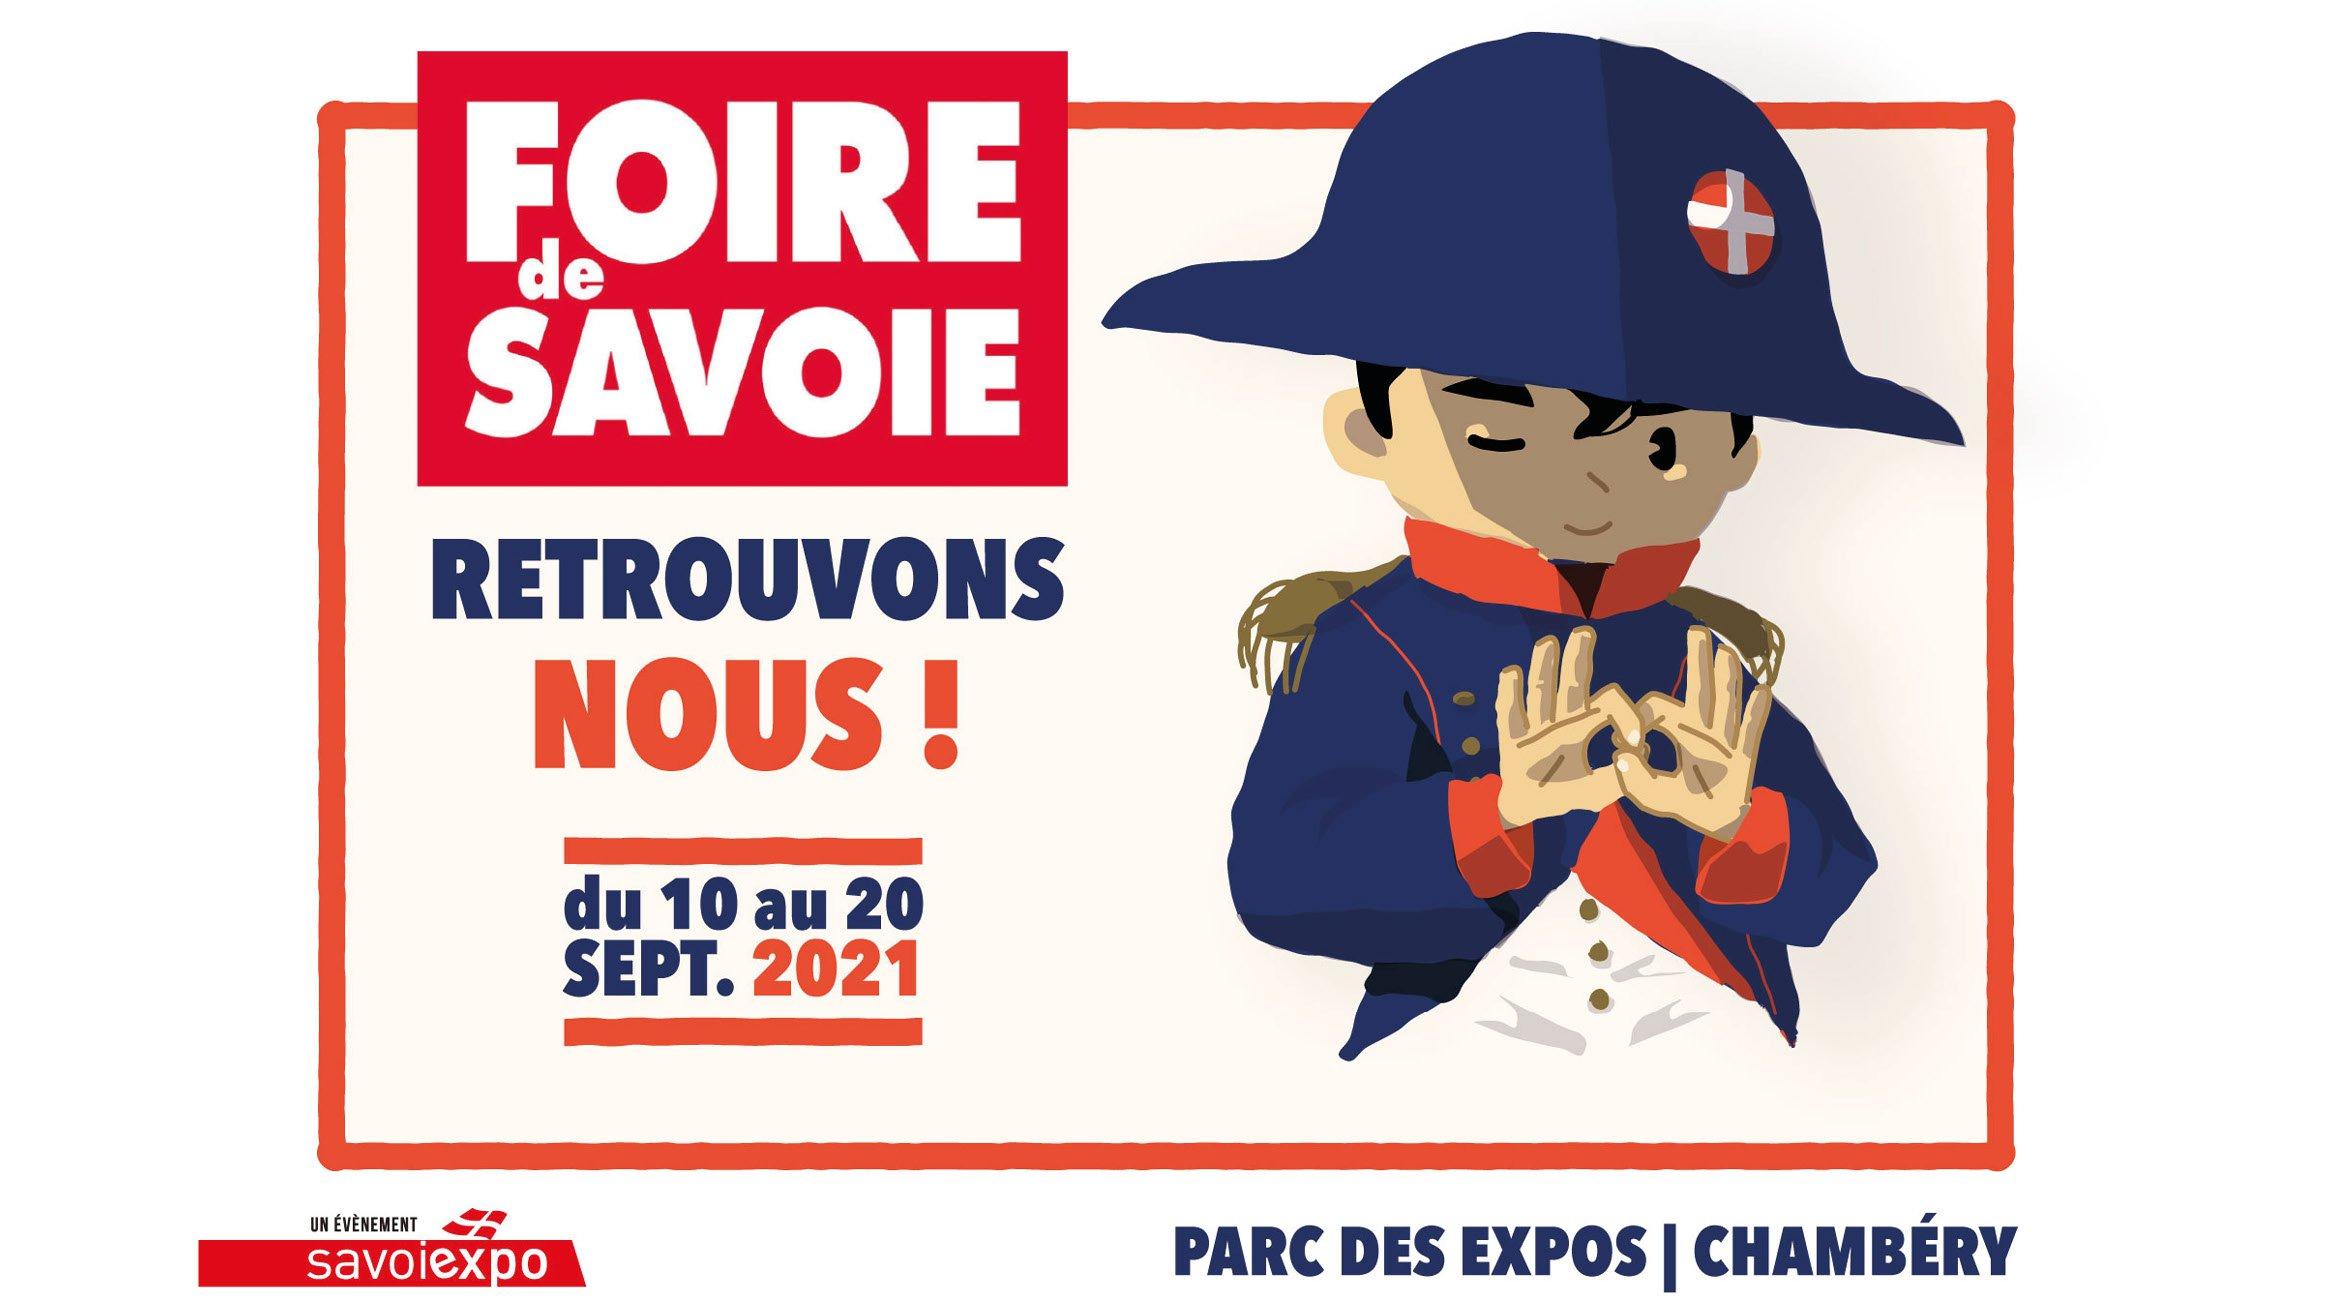 FOIRE DE SAVOIE DU 11 AU 21 SEPTEMBRE 2020